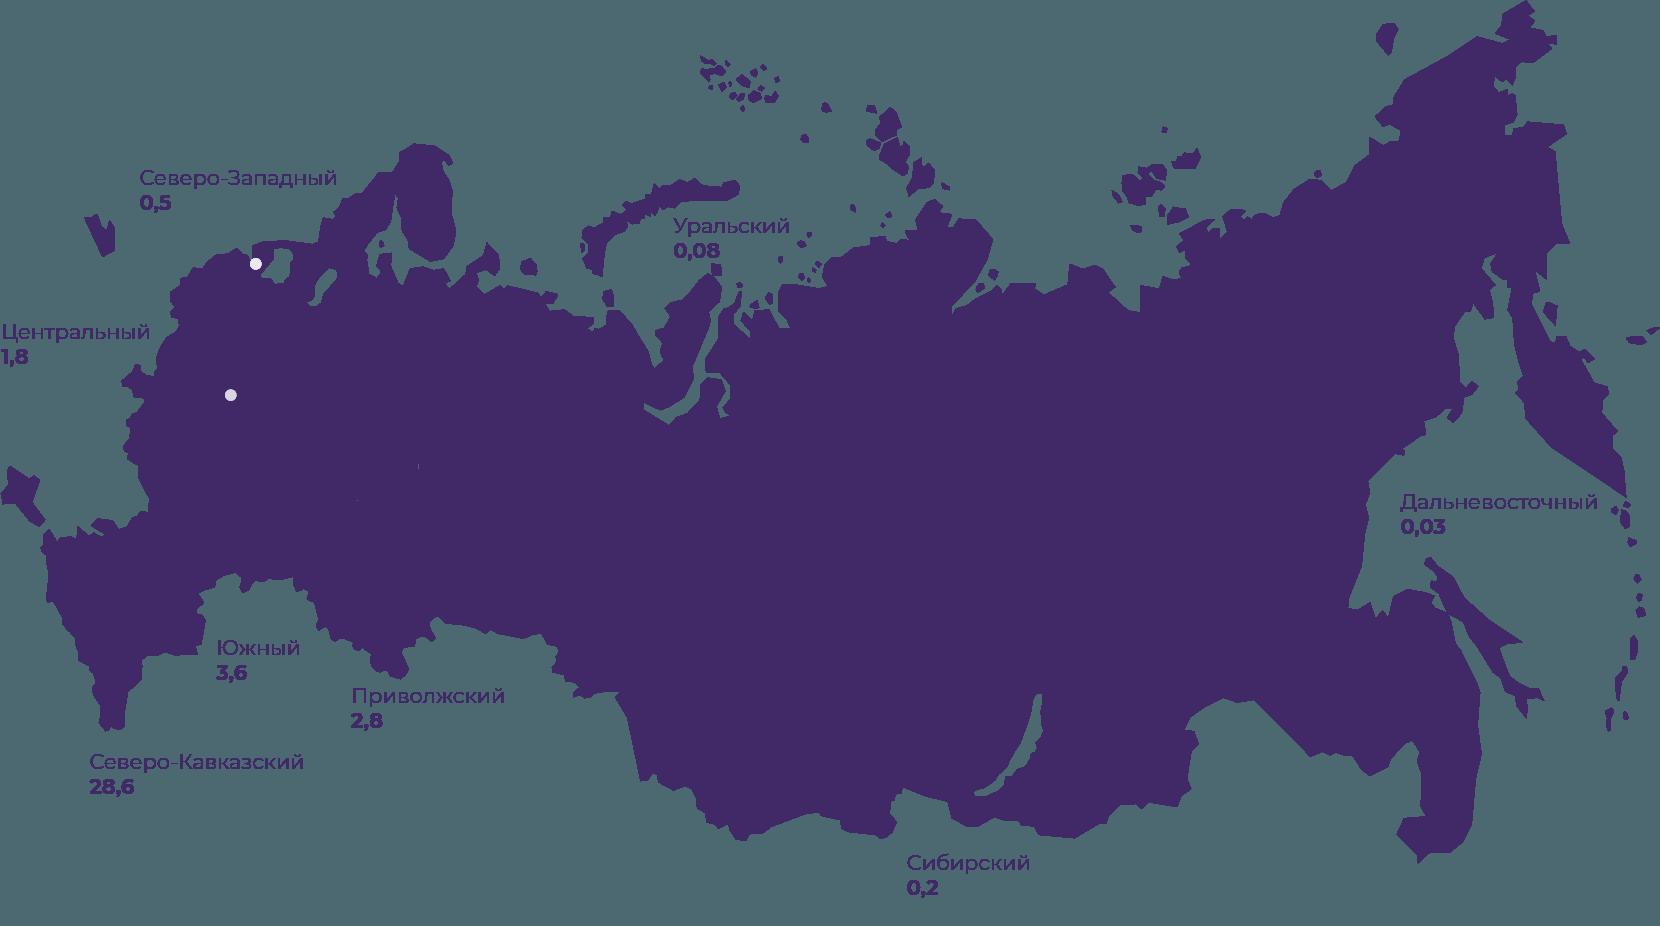 Карта: задолженность населения регионов перед крупнейшим поставщиком газа «Газпром межрегионгаз»